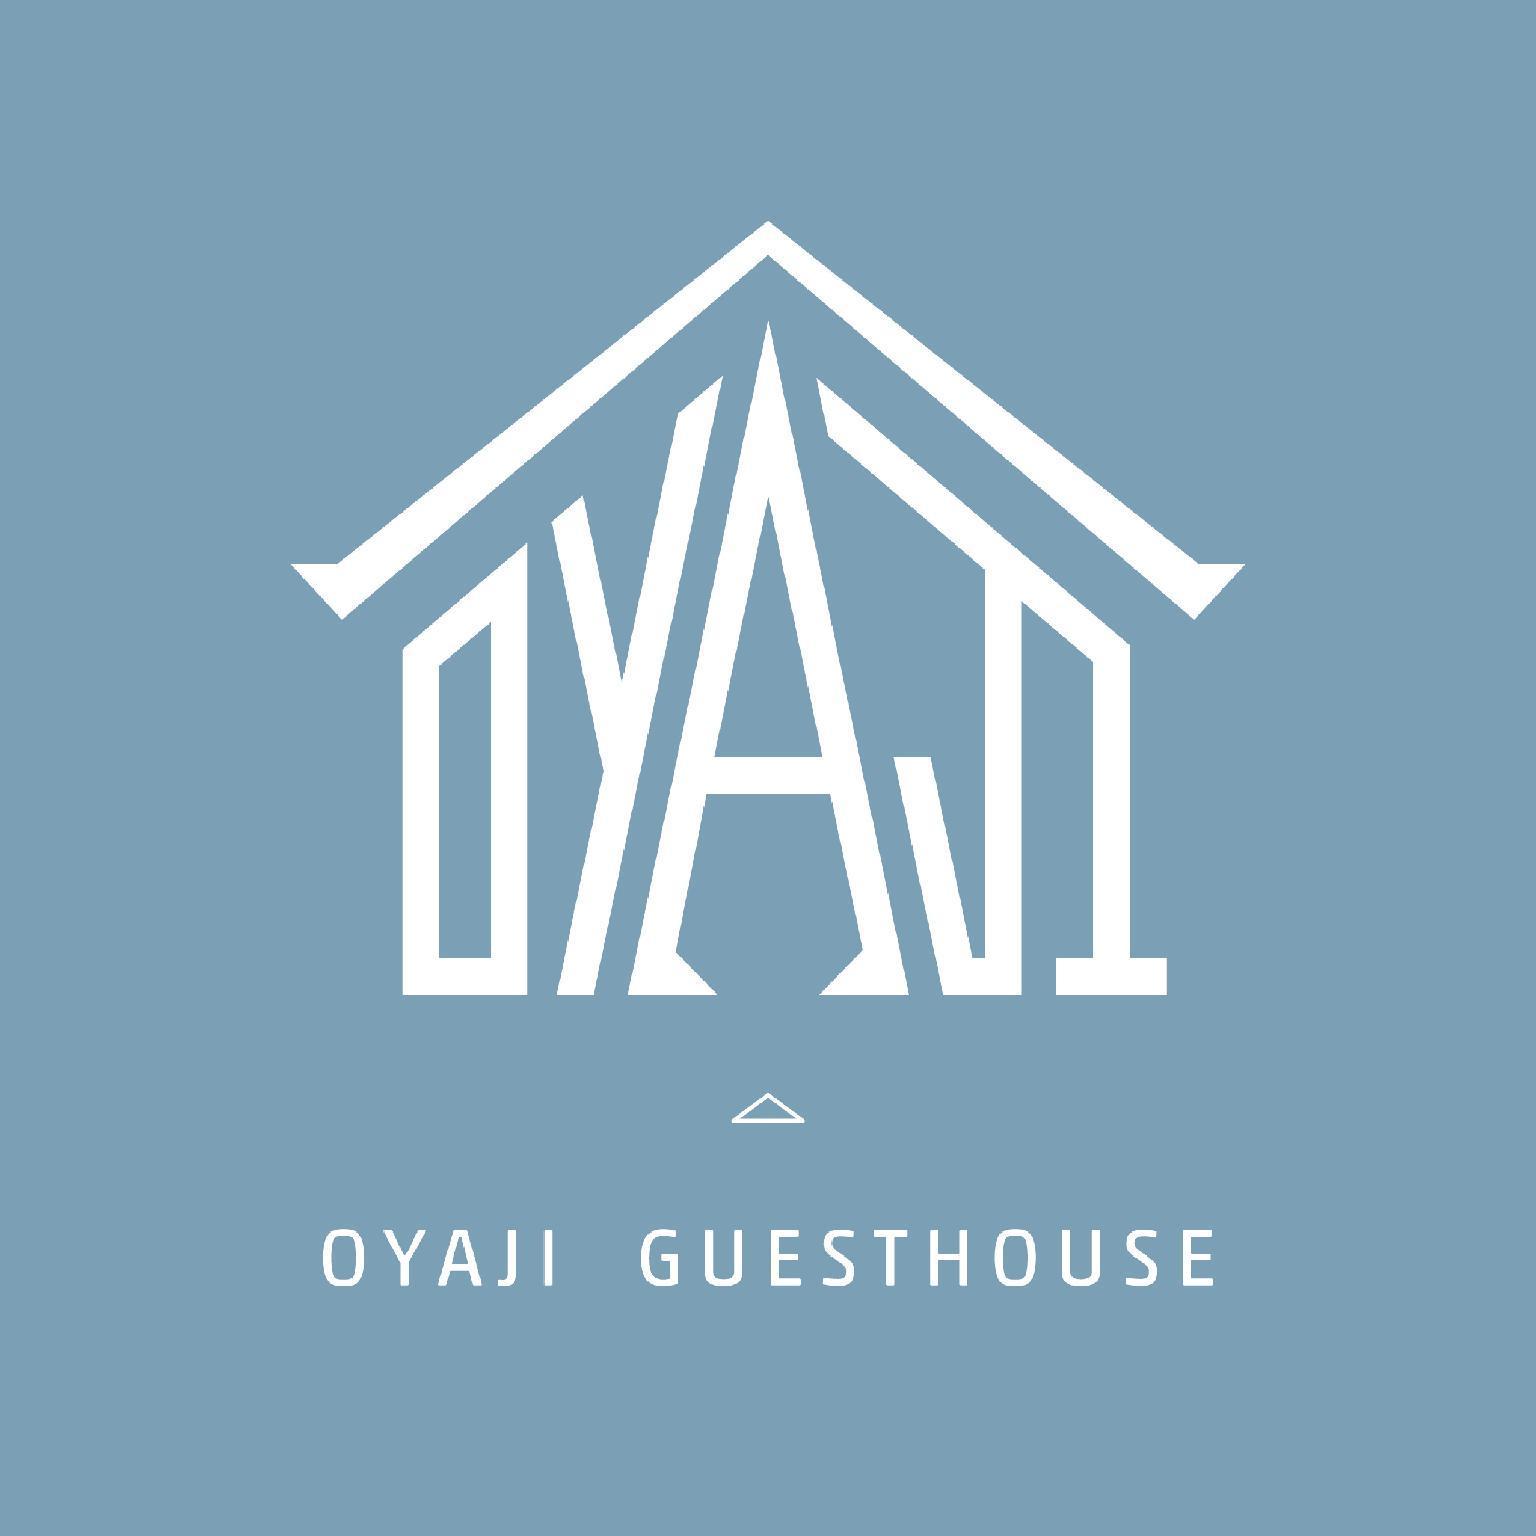 OYAJI Guesthouse